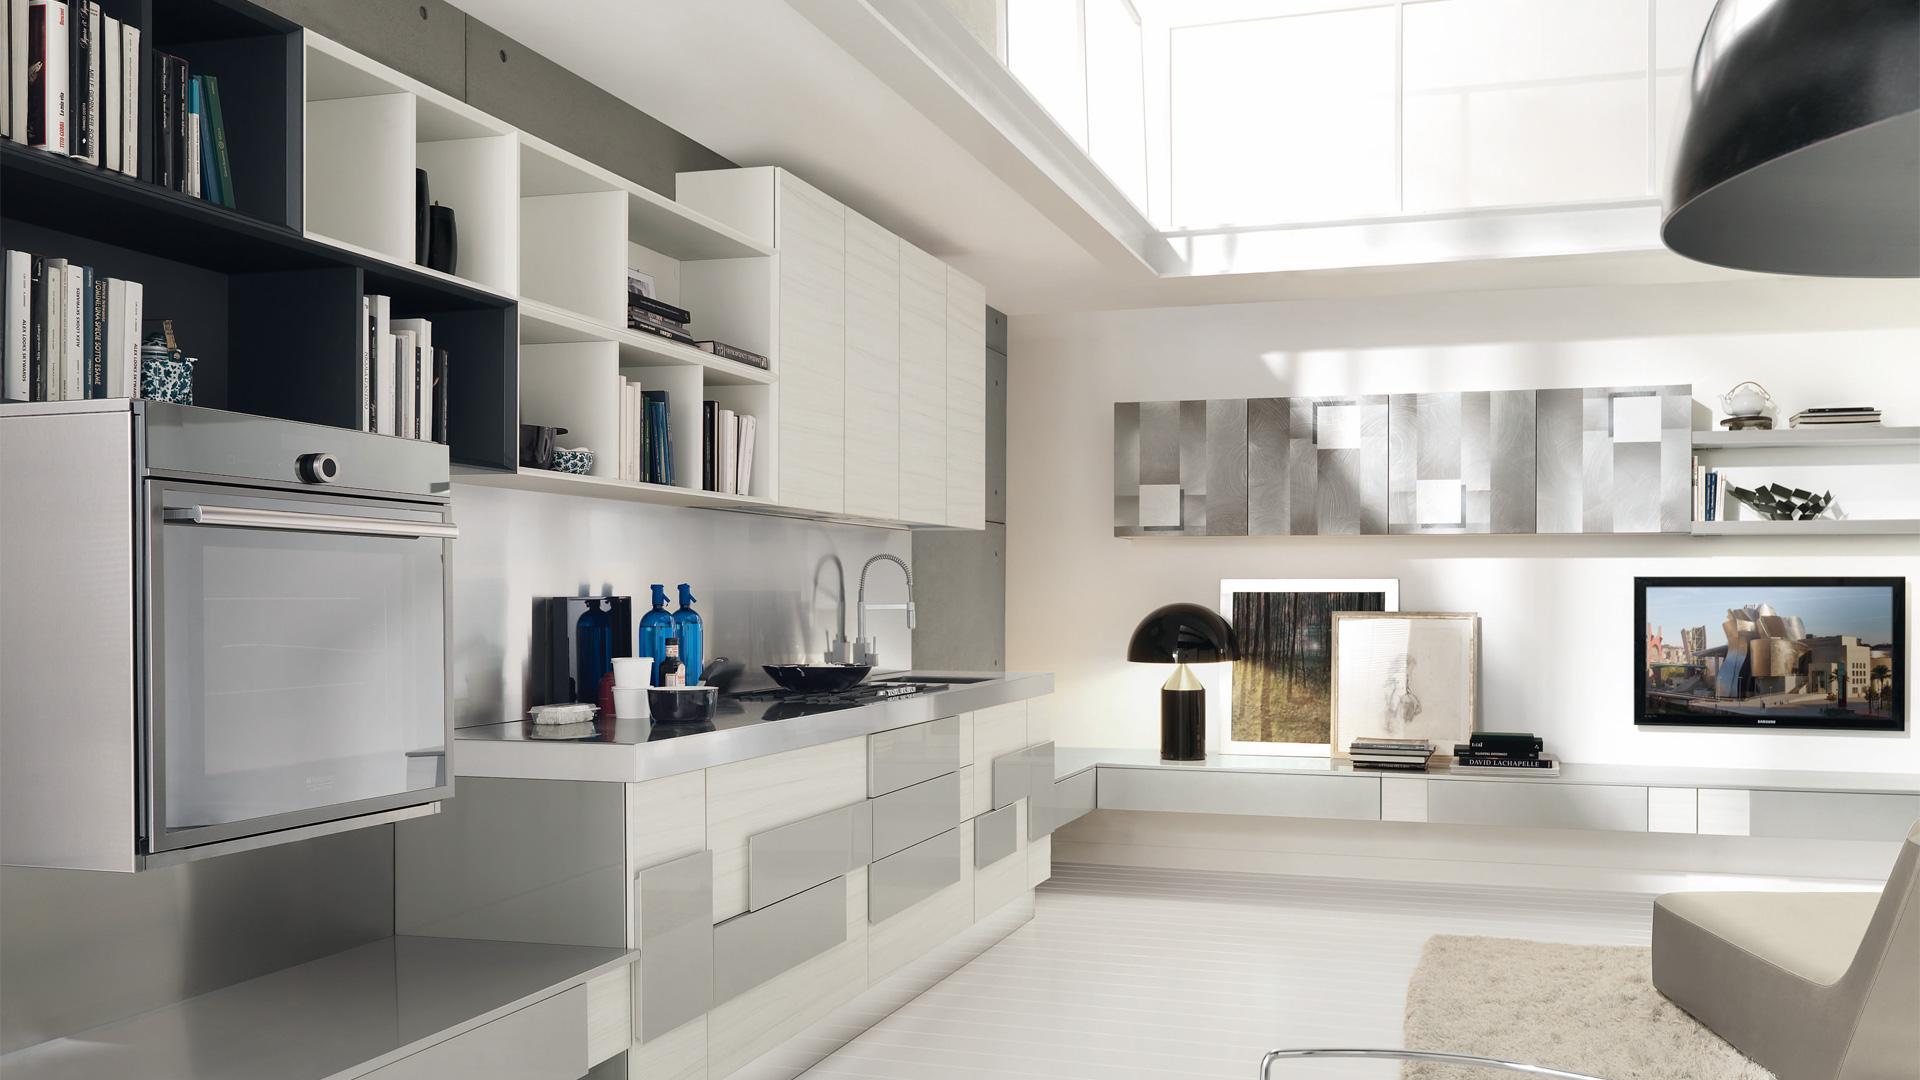 Programma per cucine great progetta cucina d cool per arredare casa d gratis programma per - Programma per creare cucine gratis ...